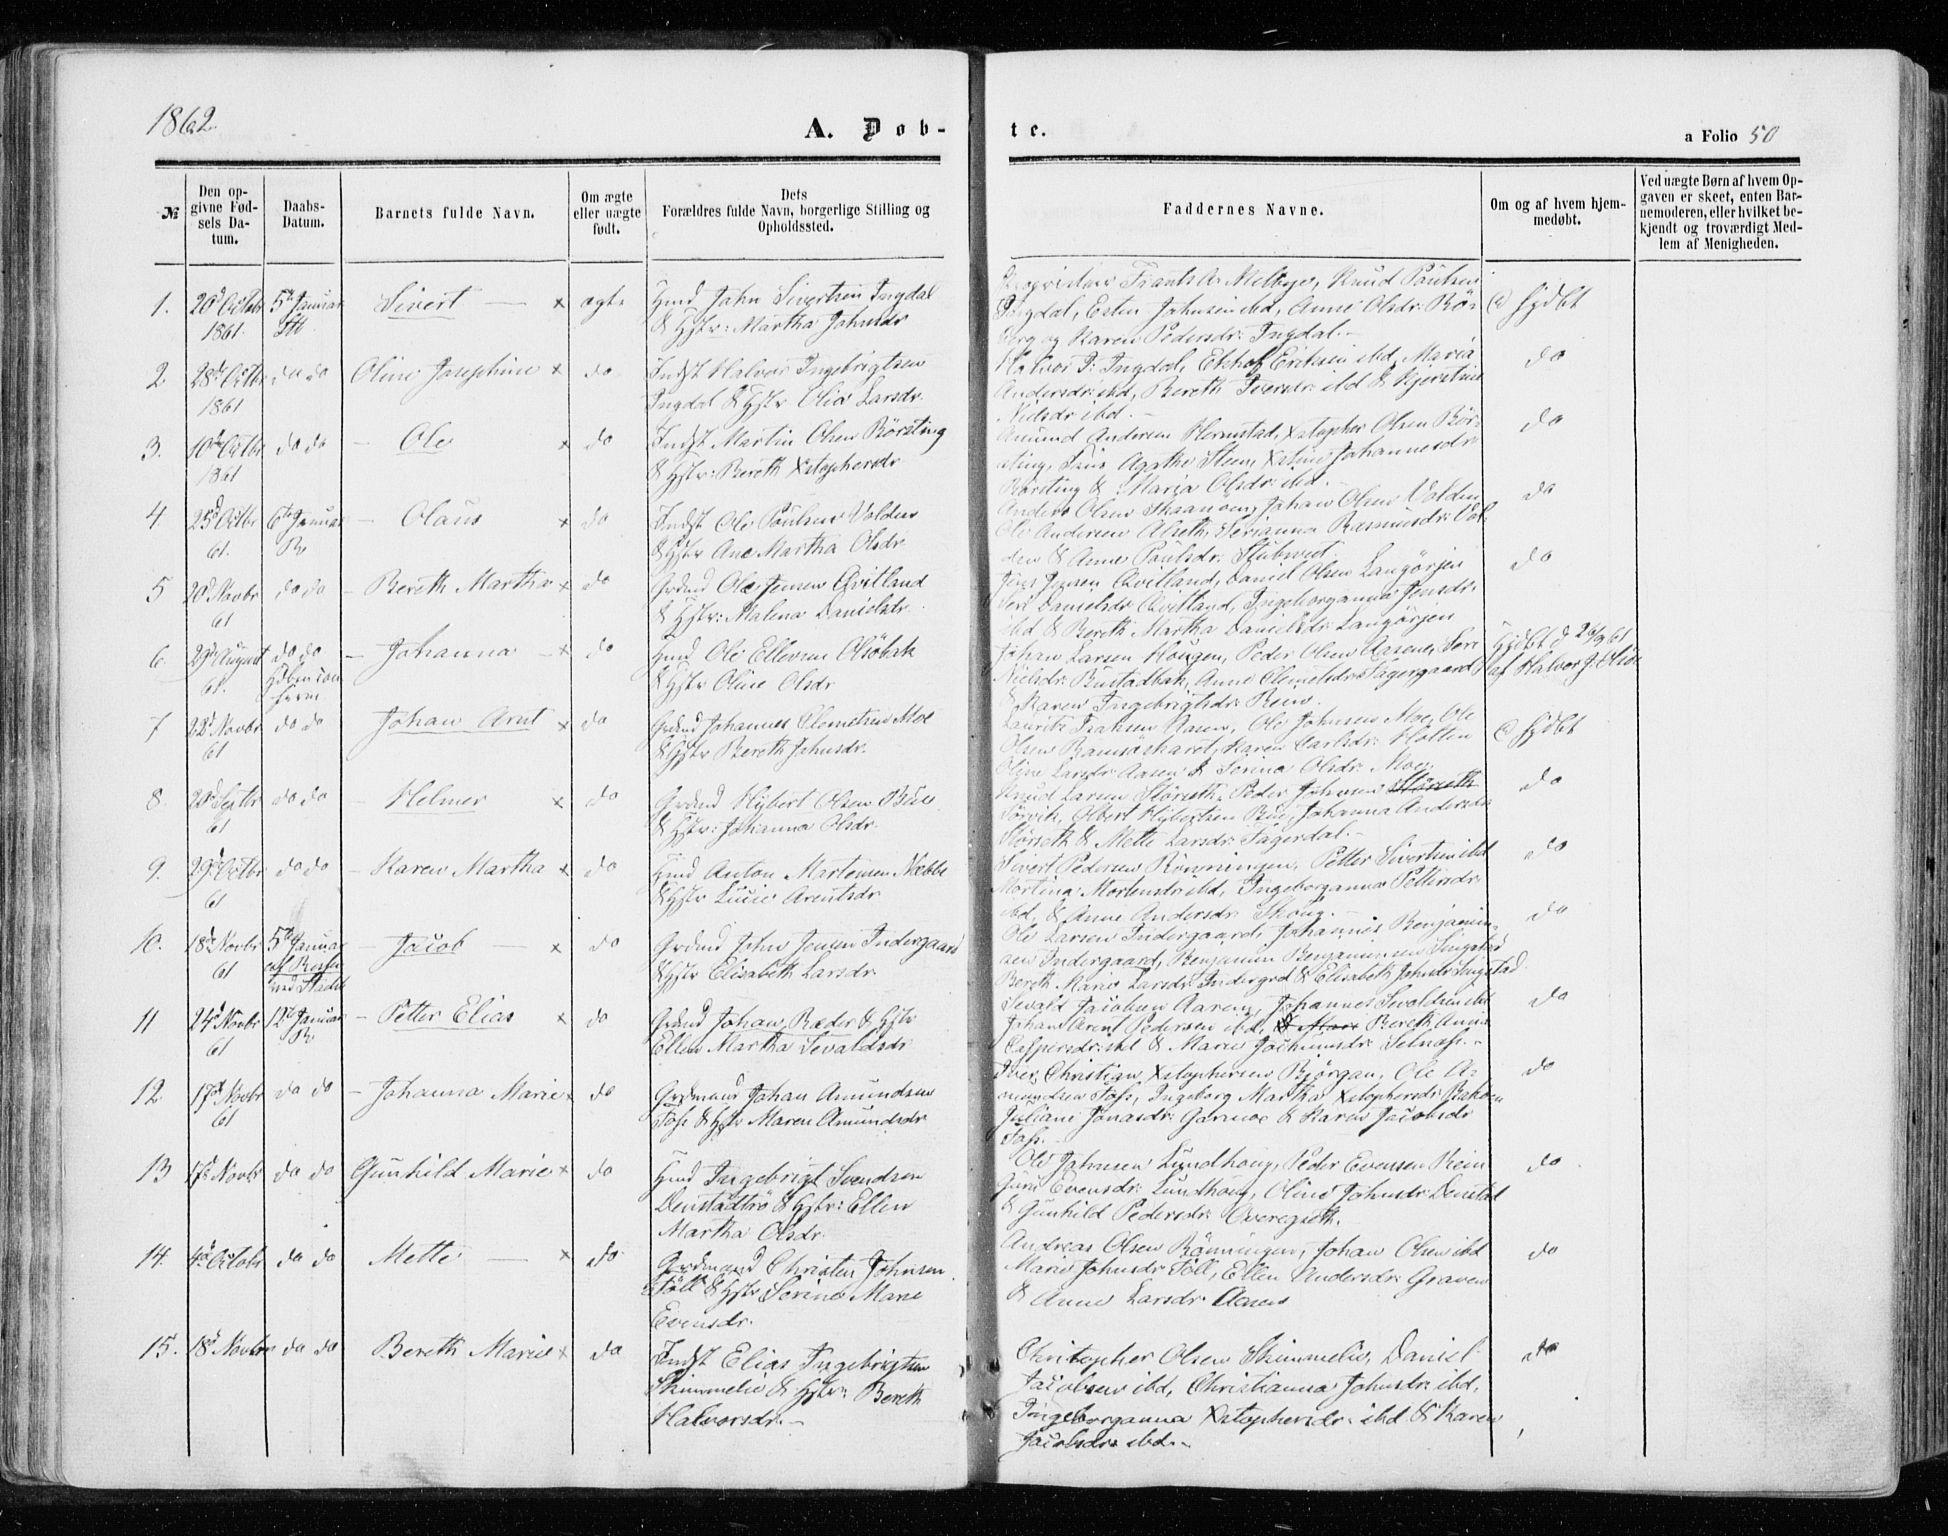 SAT, Ministerialprotokoller, klokkerbøker og fødselsregistre - Sør-Trøndelag, 646/L0612: Ministerialbok nr. 646A10, 1858-1869, s. 50